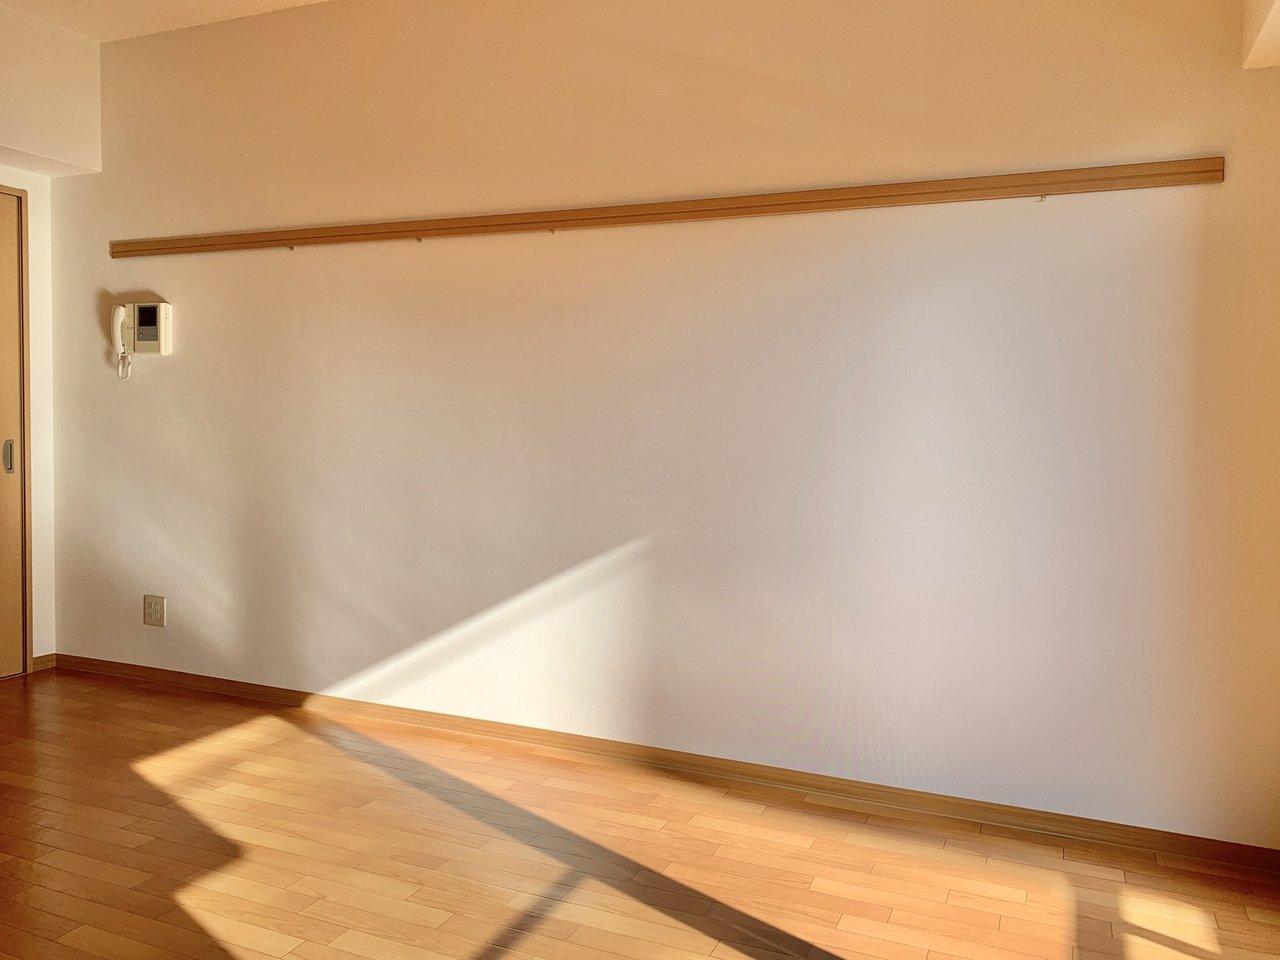 壁に長いピクチャーレールがあり、壁を傷つけずに好きなものが飾れそうなのがいいですね。